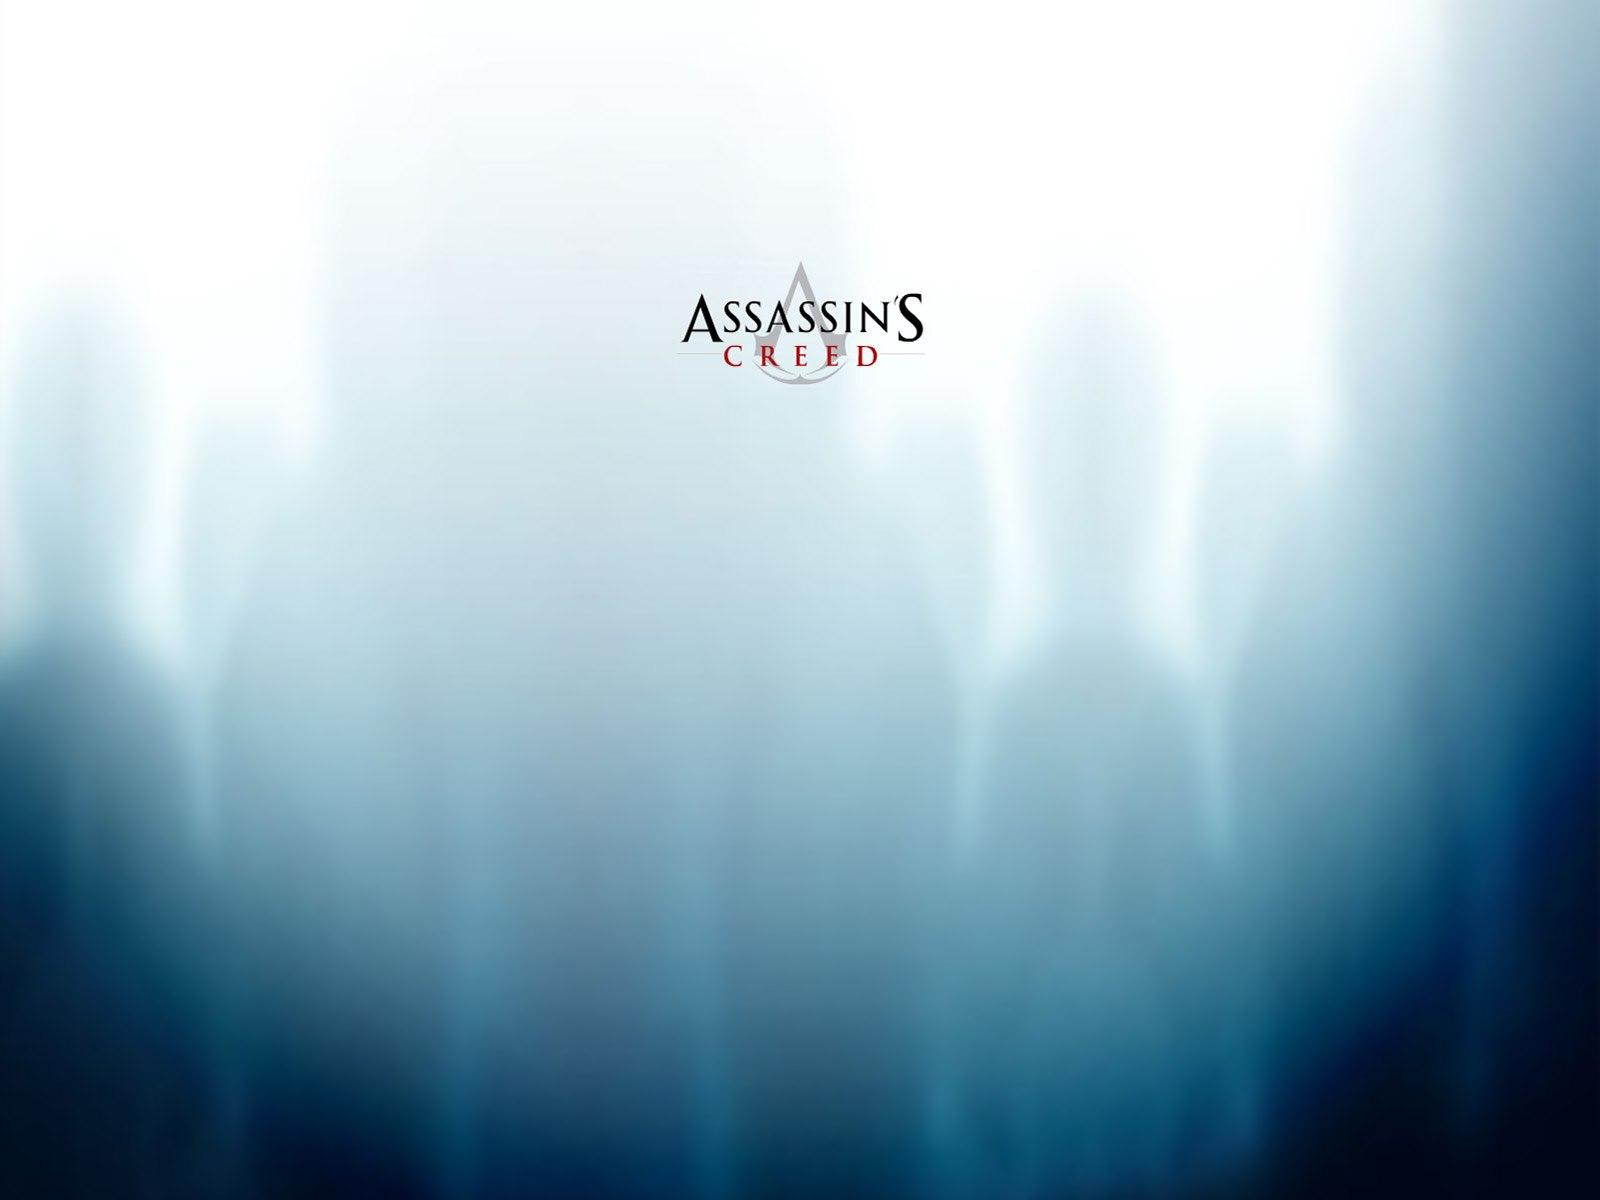 Những hình nền đẹp của game Assassin's Creed - Ảnh 4